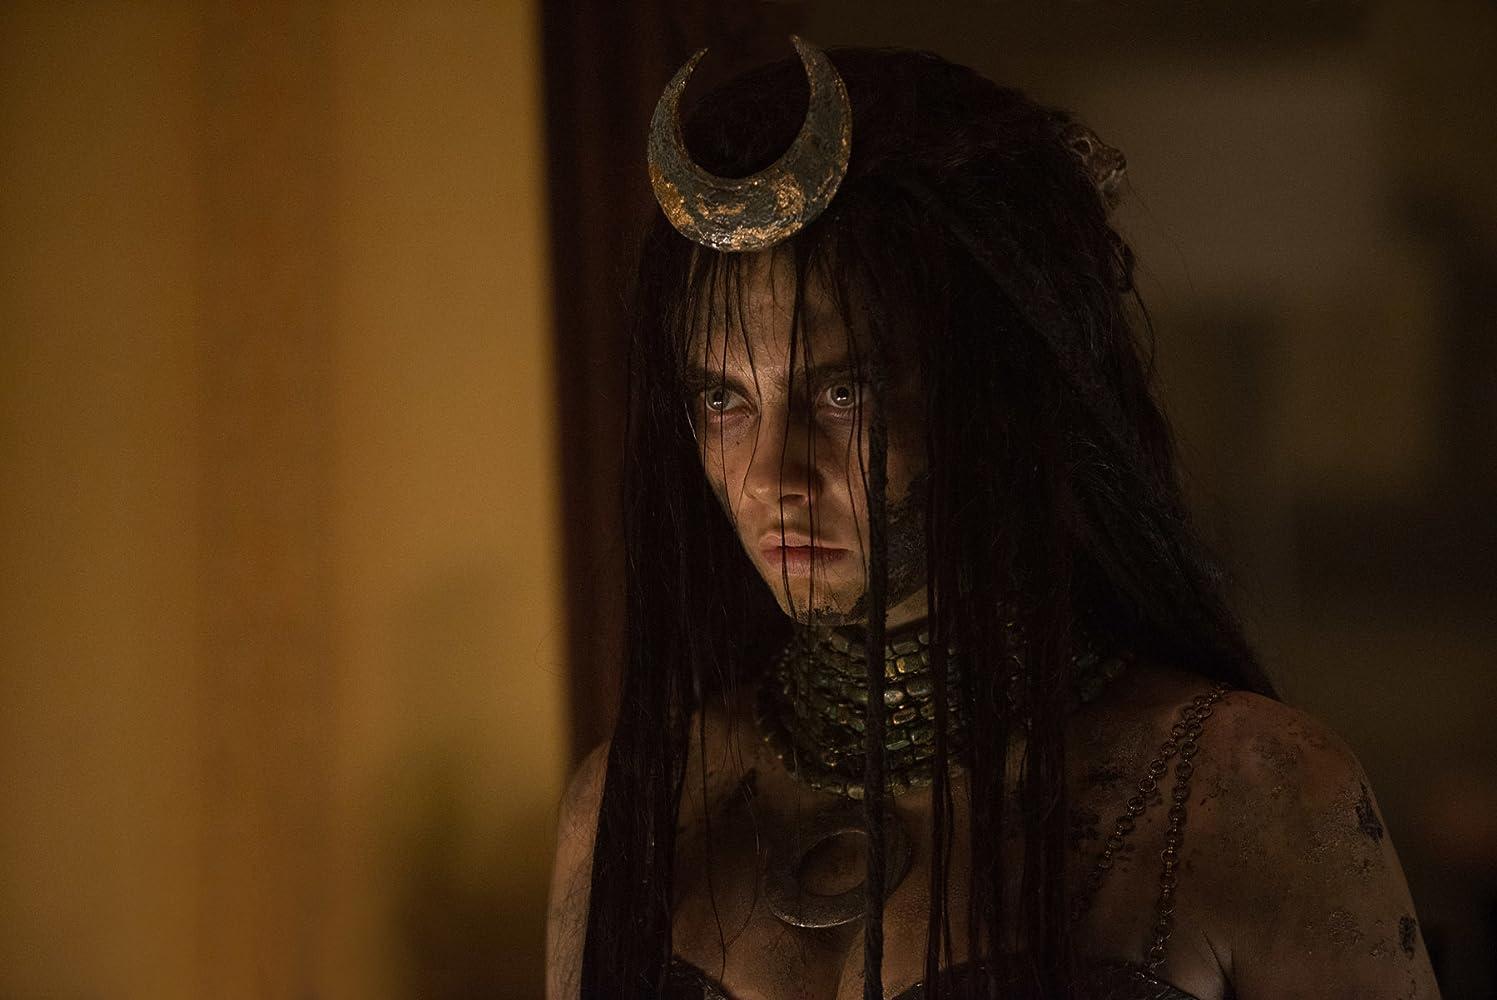 Cara Delevingne in Suicide Squad (2016)